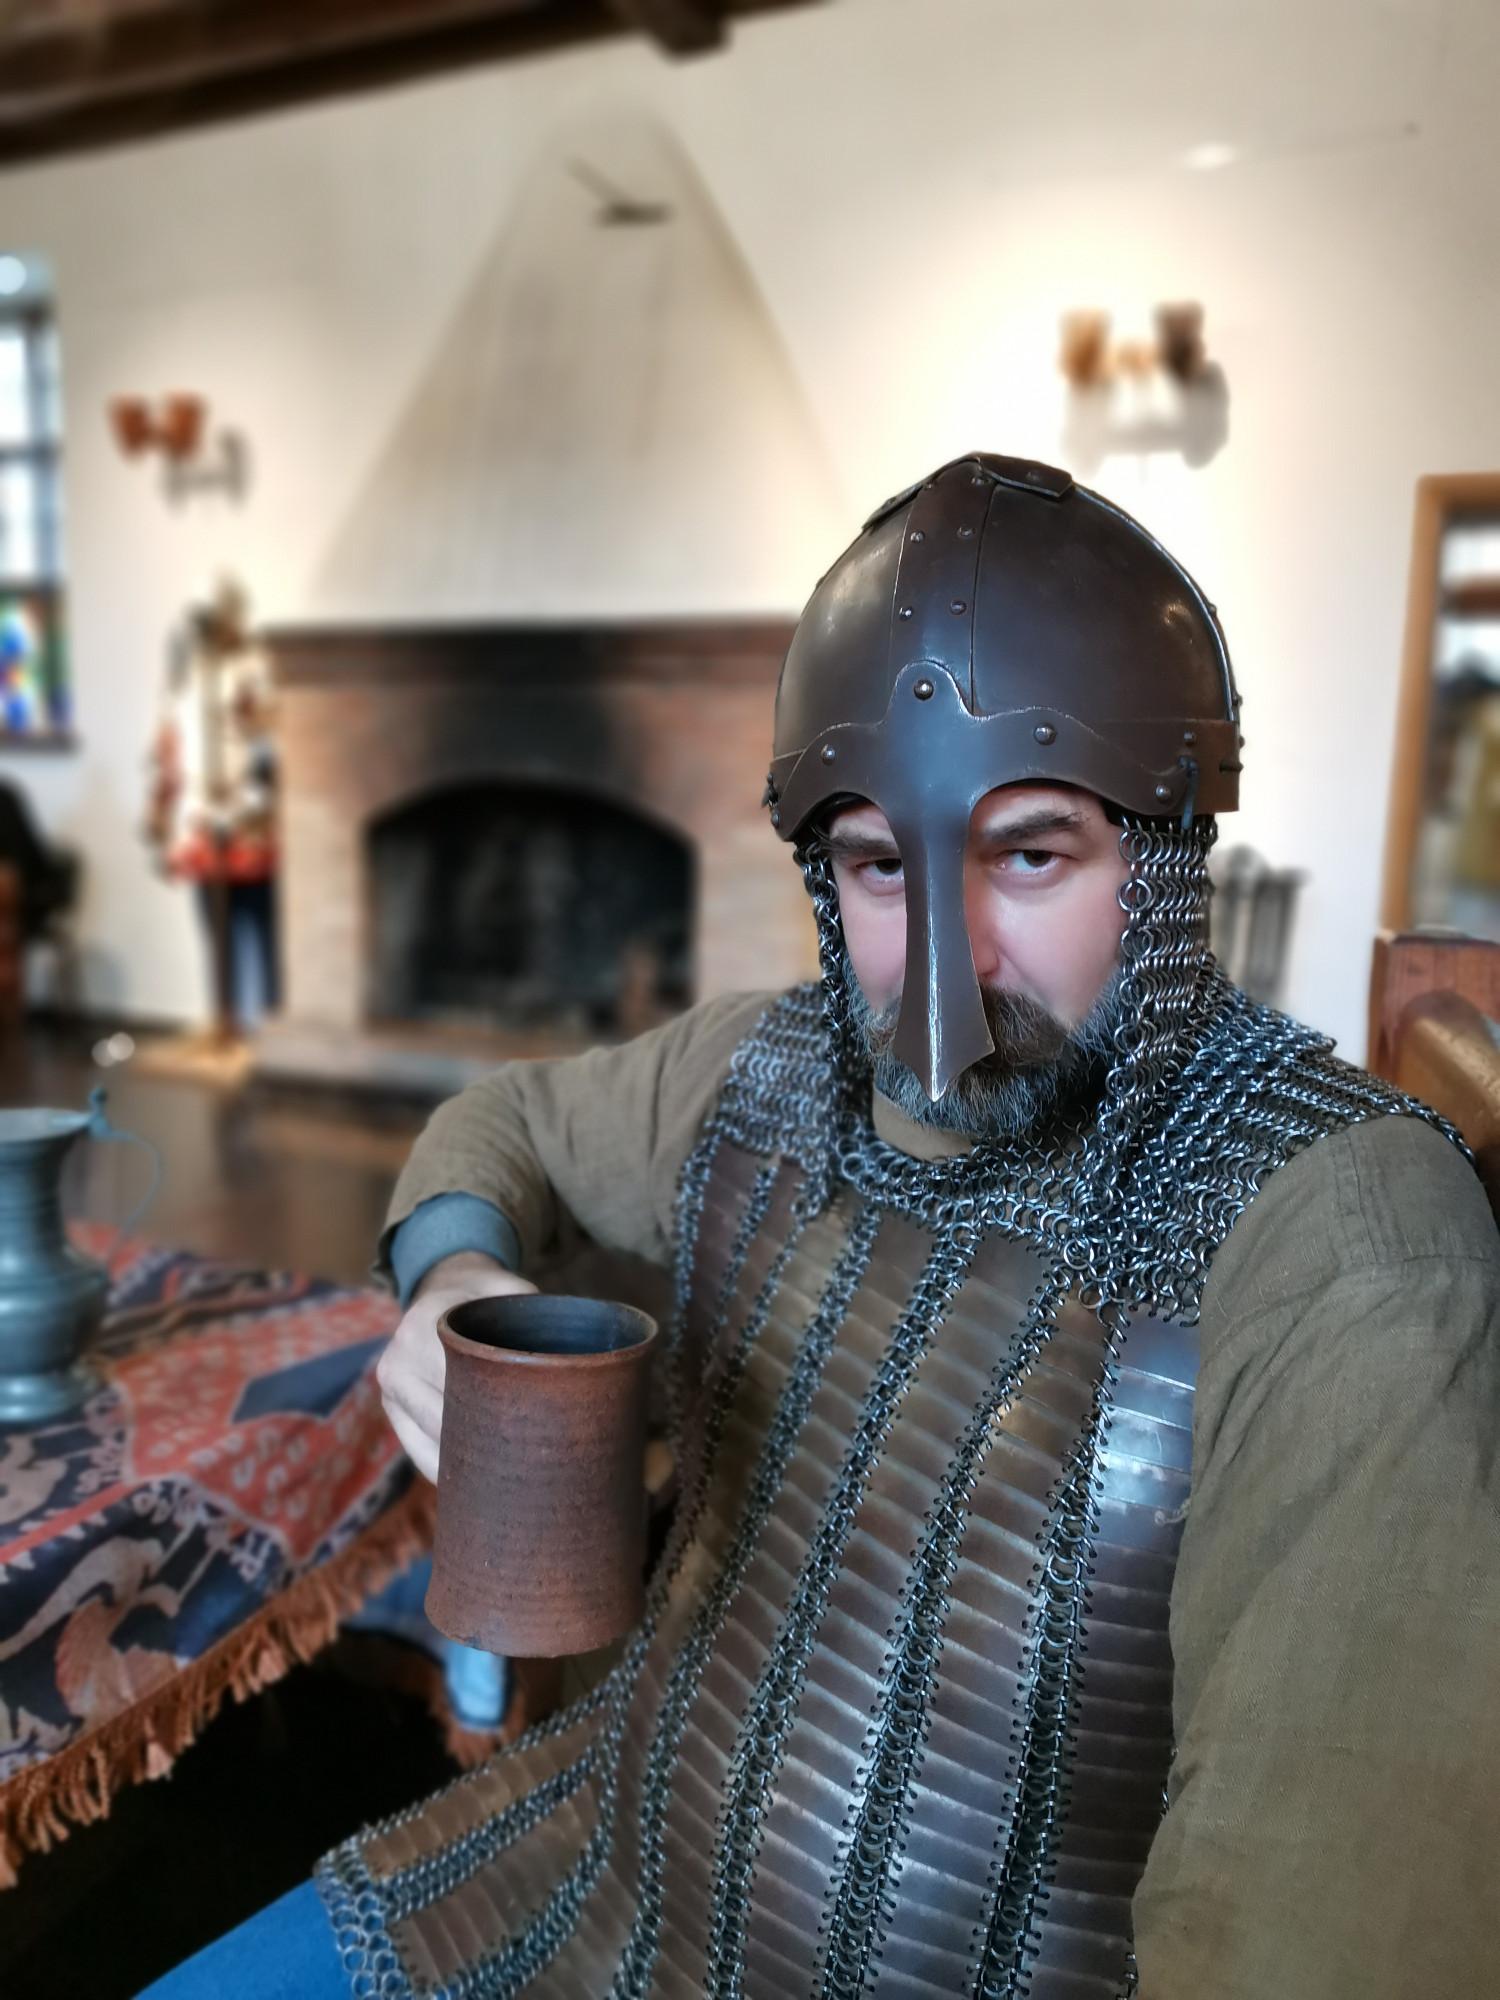 Приглянувшаяся мне бронь оказалась копией новгородской 13-14 века. Память предков не подводит. ))